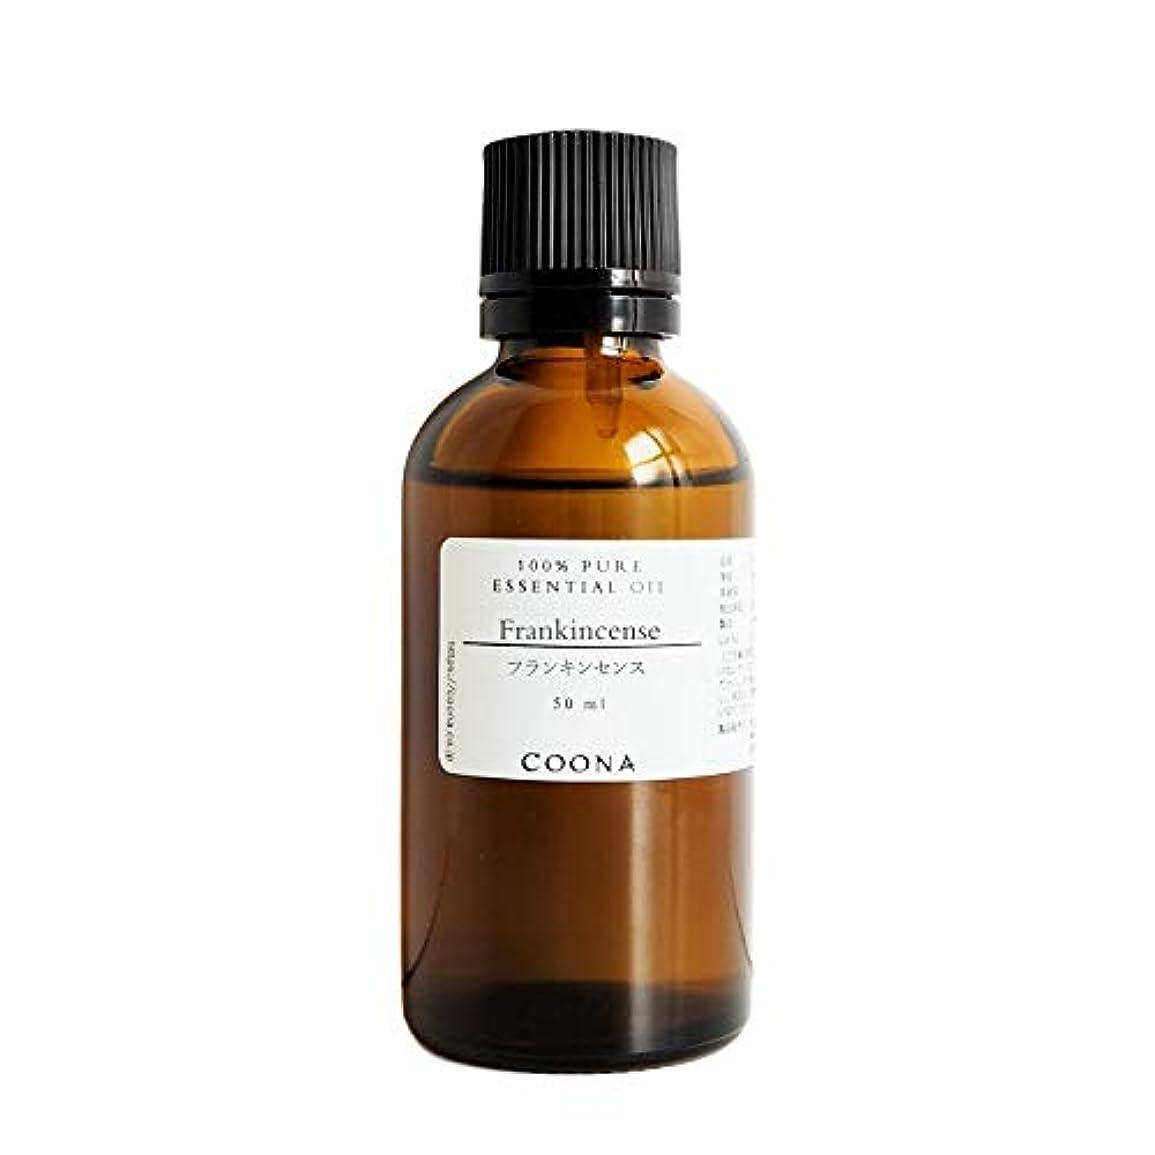 厚くする想定排他的フランキンセンス 50 ml (COONA エッセンシャルオイル アロマオイル 100%天然植物精油)